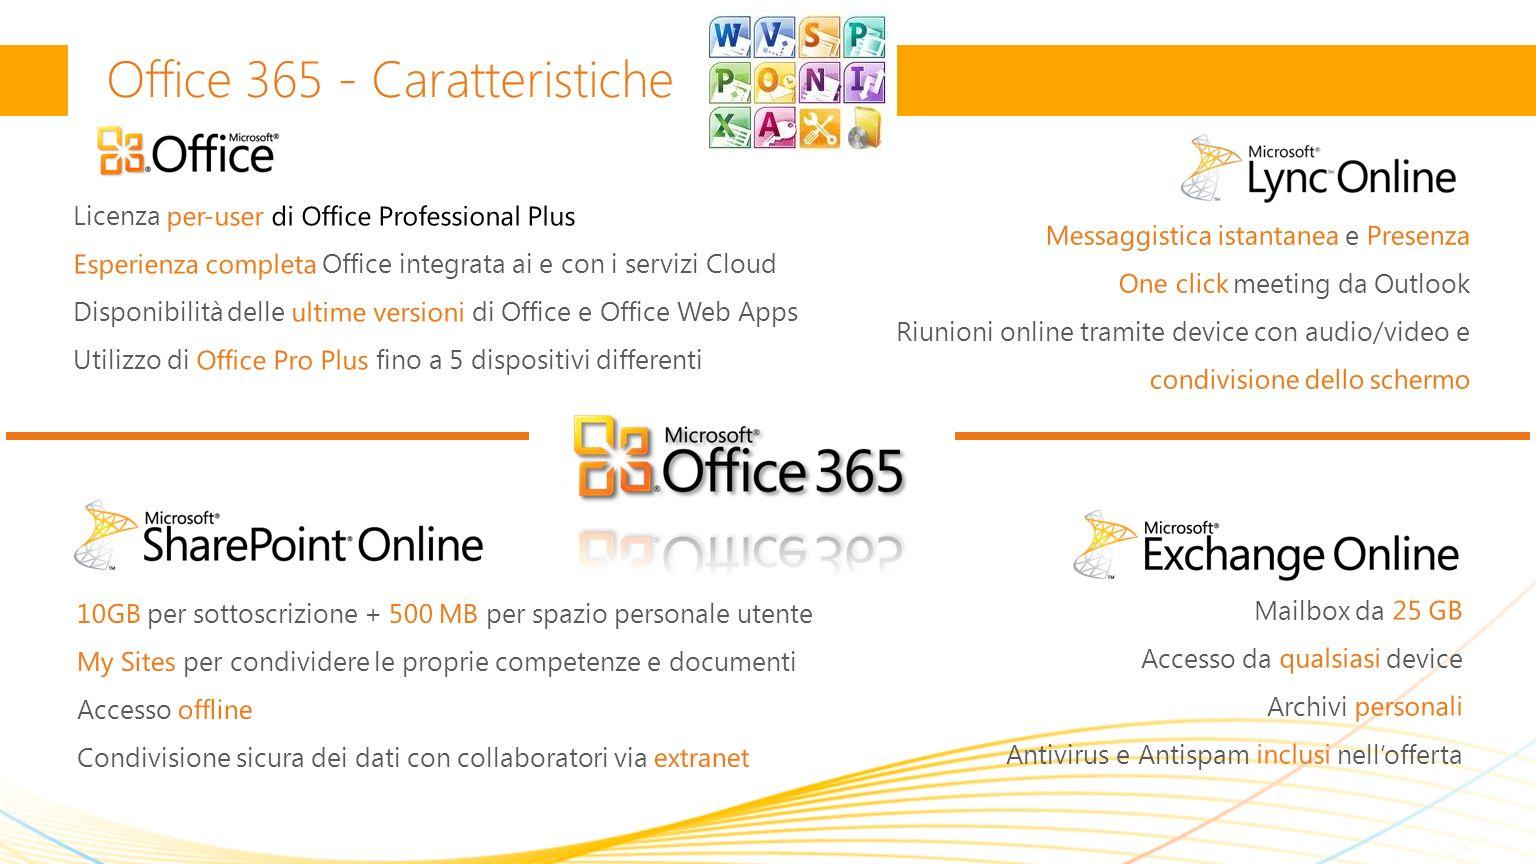 Office 365 - Caratteristiche Licenza per-user di Office Professional Plus Esperienza completa Office integrata ai e con i servizi Cloud Disponibilità delle ultime versioni di Office e Office Web Apps Utilizzo di Office Pro Plus fino a 5 dispositivi differenti Messaggistica istantanea e Presenza One click meeting da Outlook Riunioni online tramite device con audio/video e condivisione dello schermo 10GB per sottoscrizione + 500 MB per spazio personale utente My Sites per condividere le proprie competenze e documenti Accesso offline Condivisione sicura dei dati con collaboratori via extranet Mailbox da 25 GB Accesso da qualsiasi device Archivi personali Antivirus e Antispam inclusi nellofferta